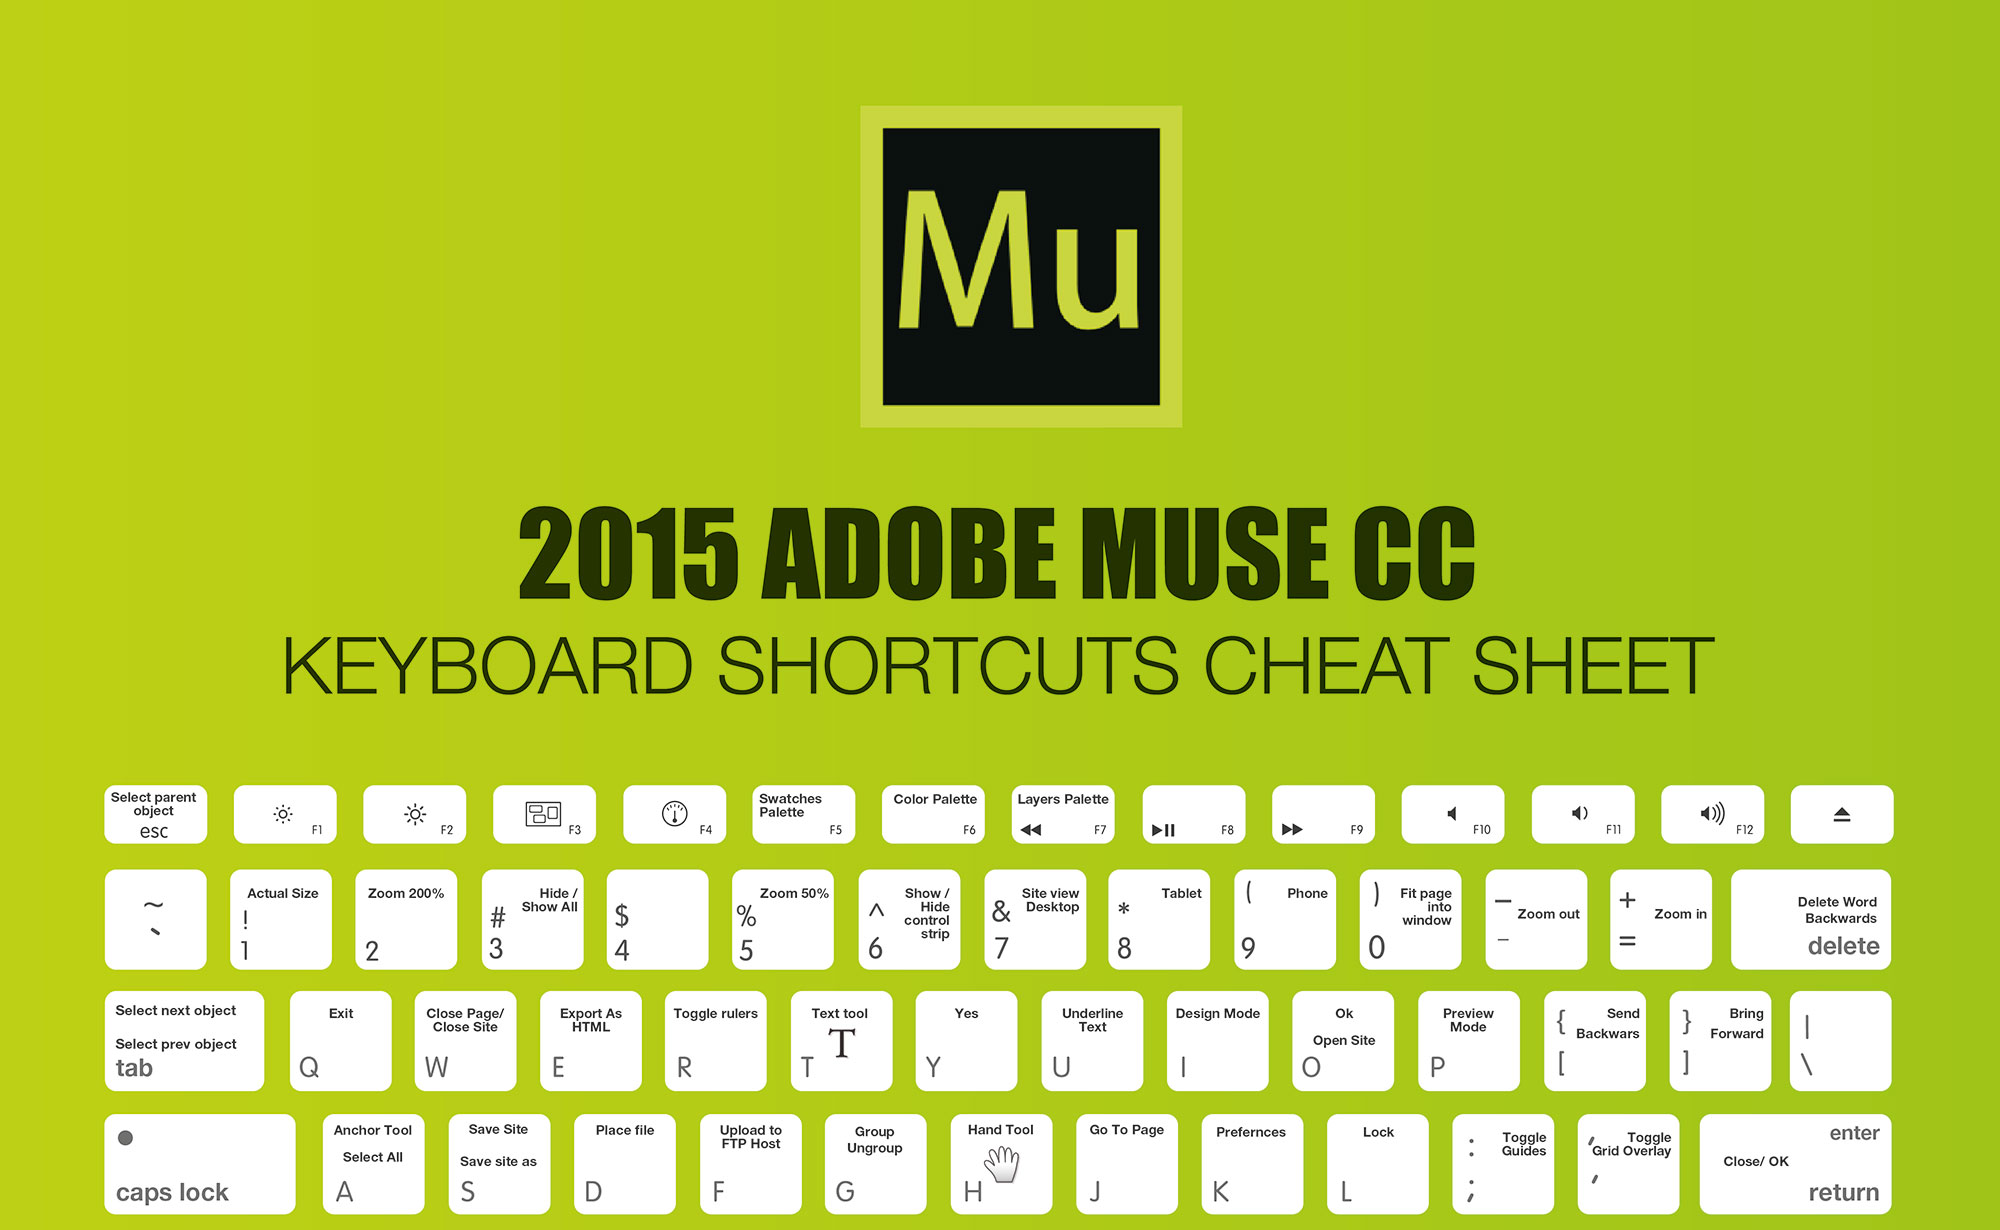 2019 Adobe Muse CC Keyboard Shortcuts Cheat Sheet - Cheat